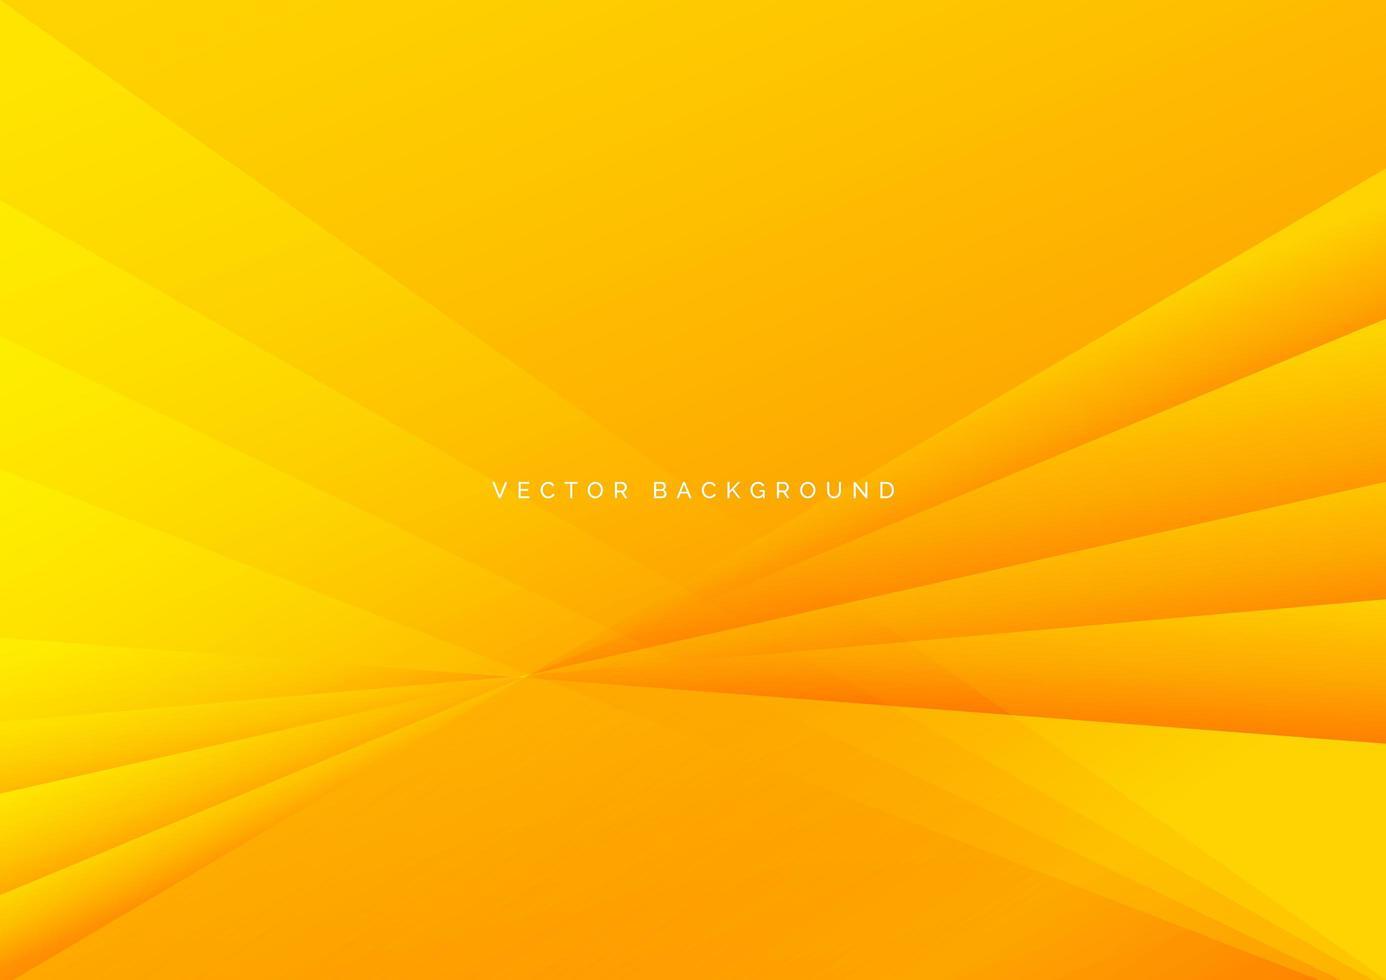 Fondo diagonal amarillo y naranja abstracto y geométrico vector